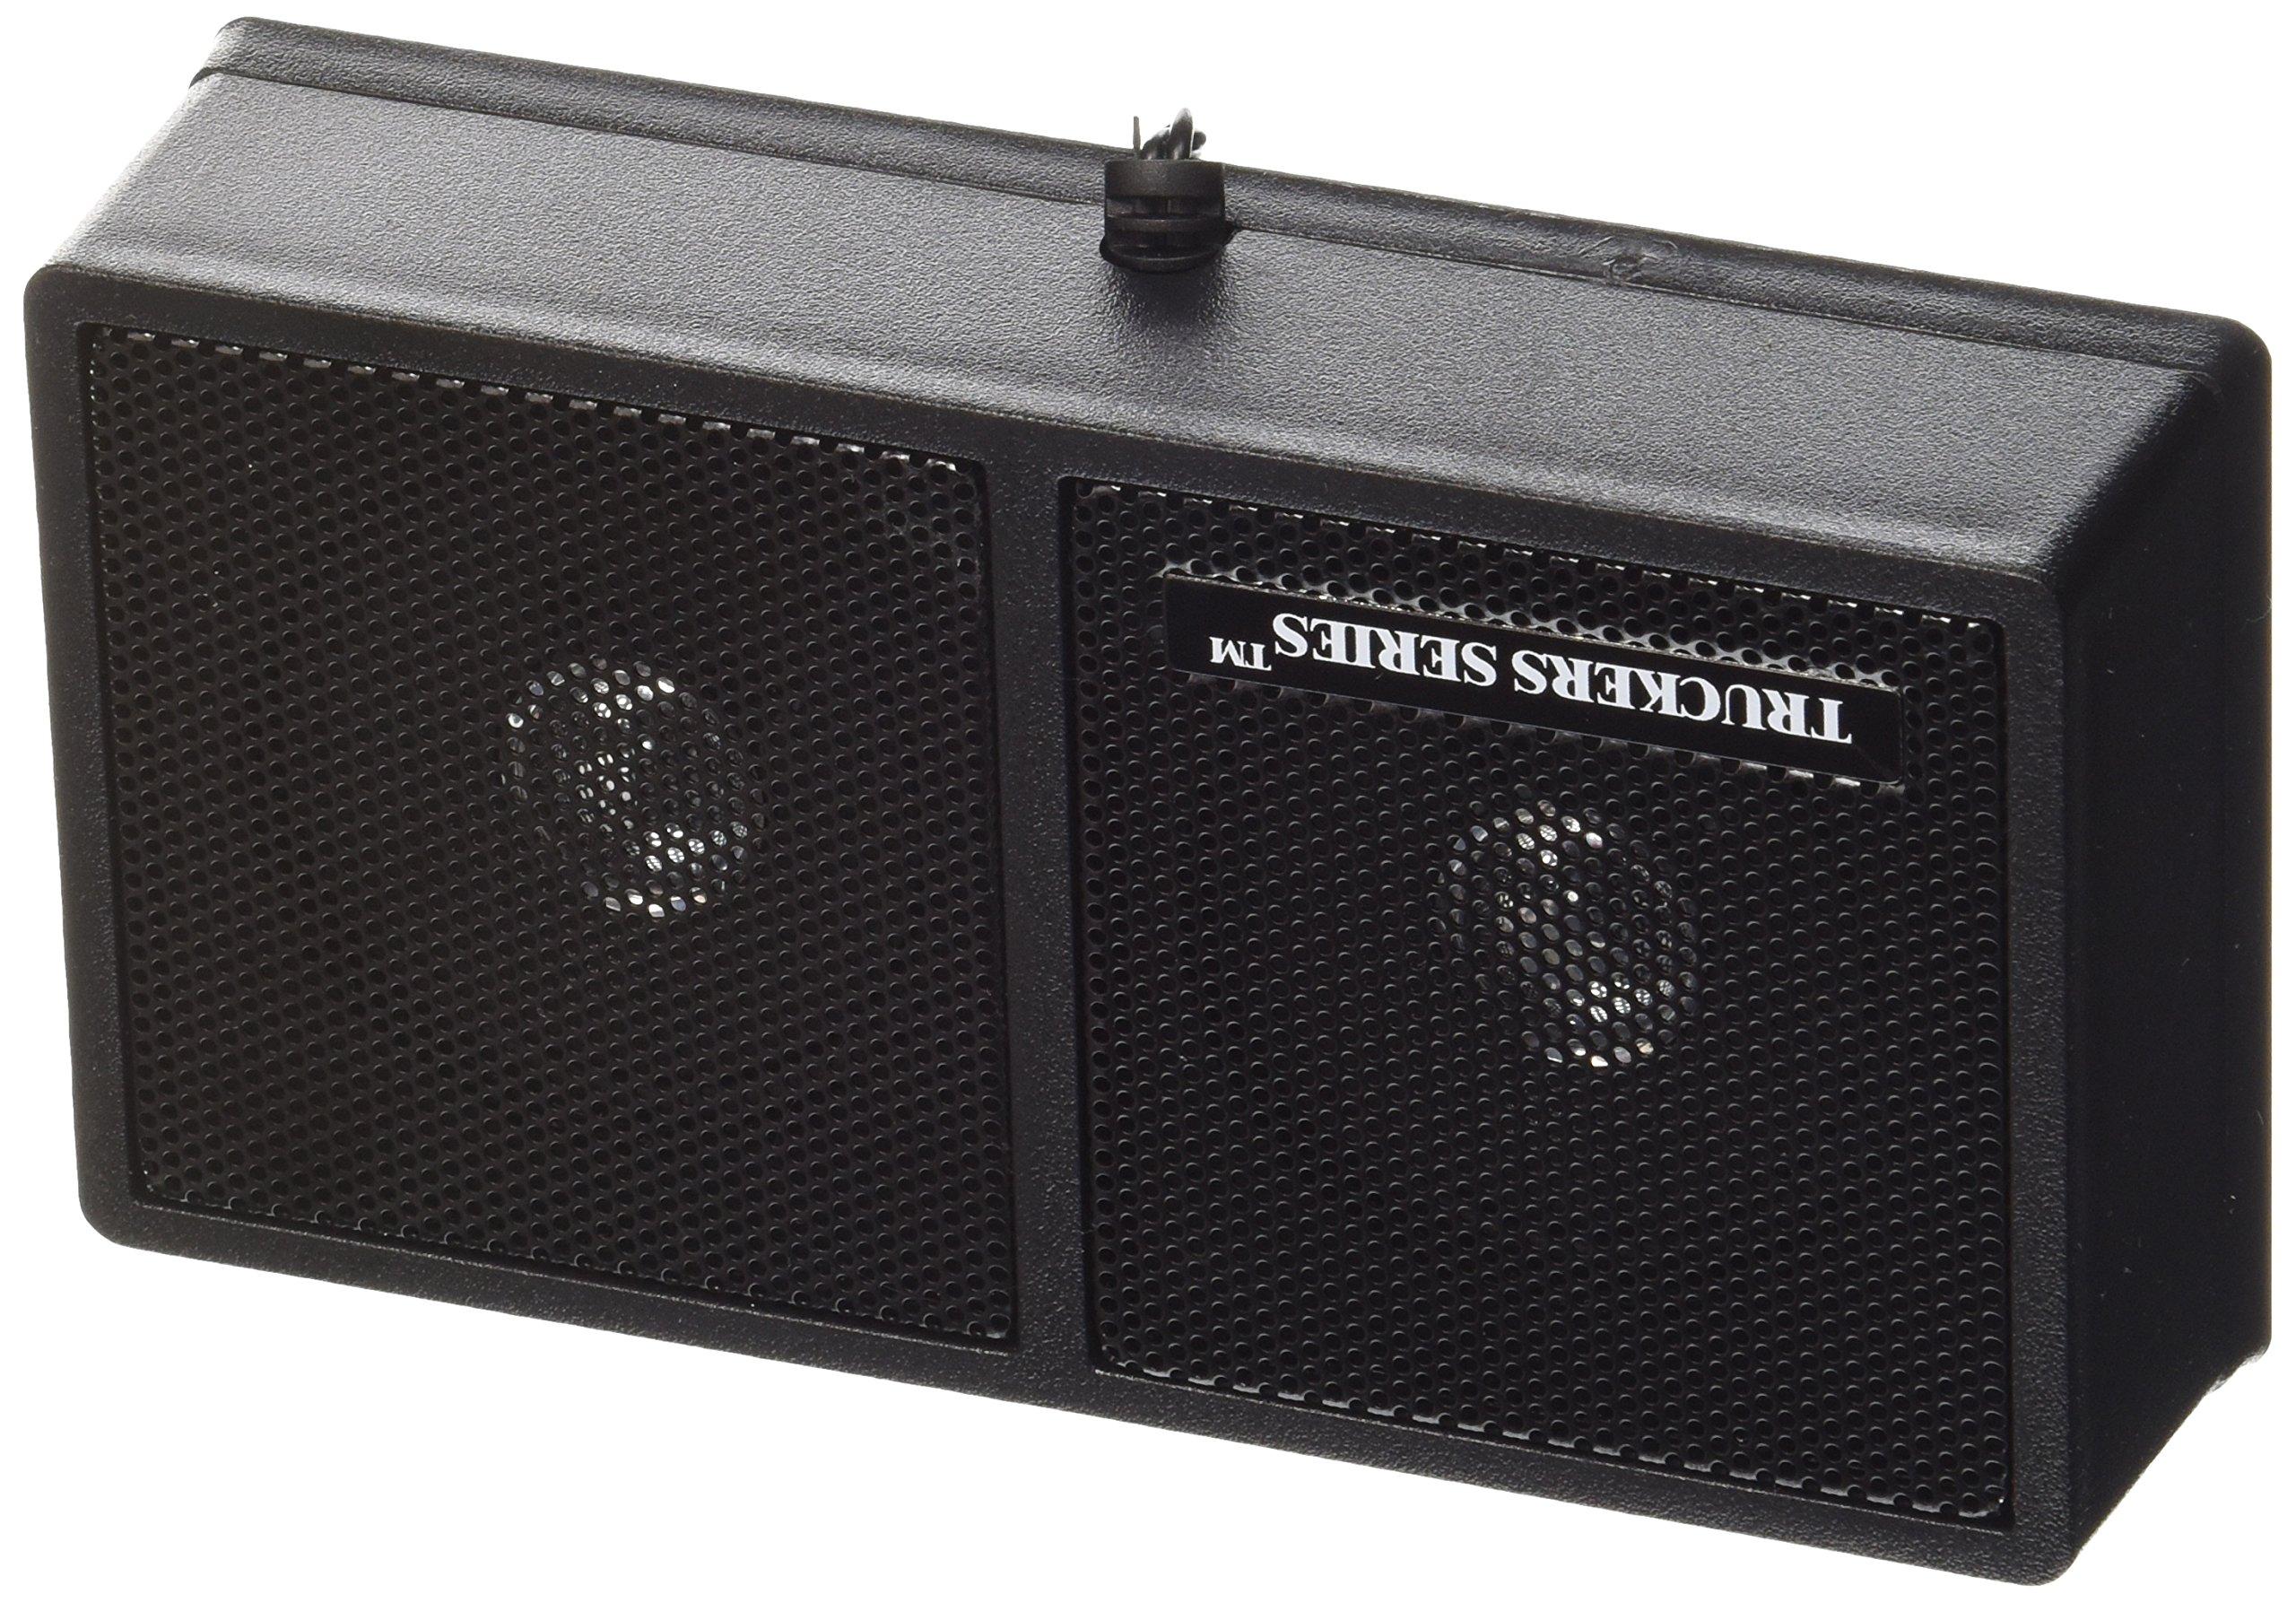 RoadPro RP 160 Visor Extension Speaker